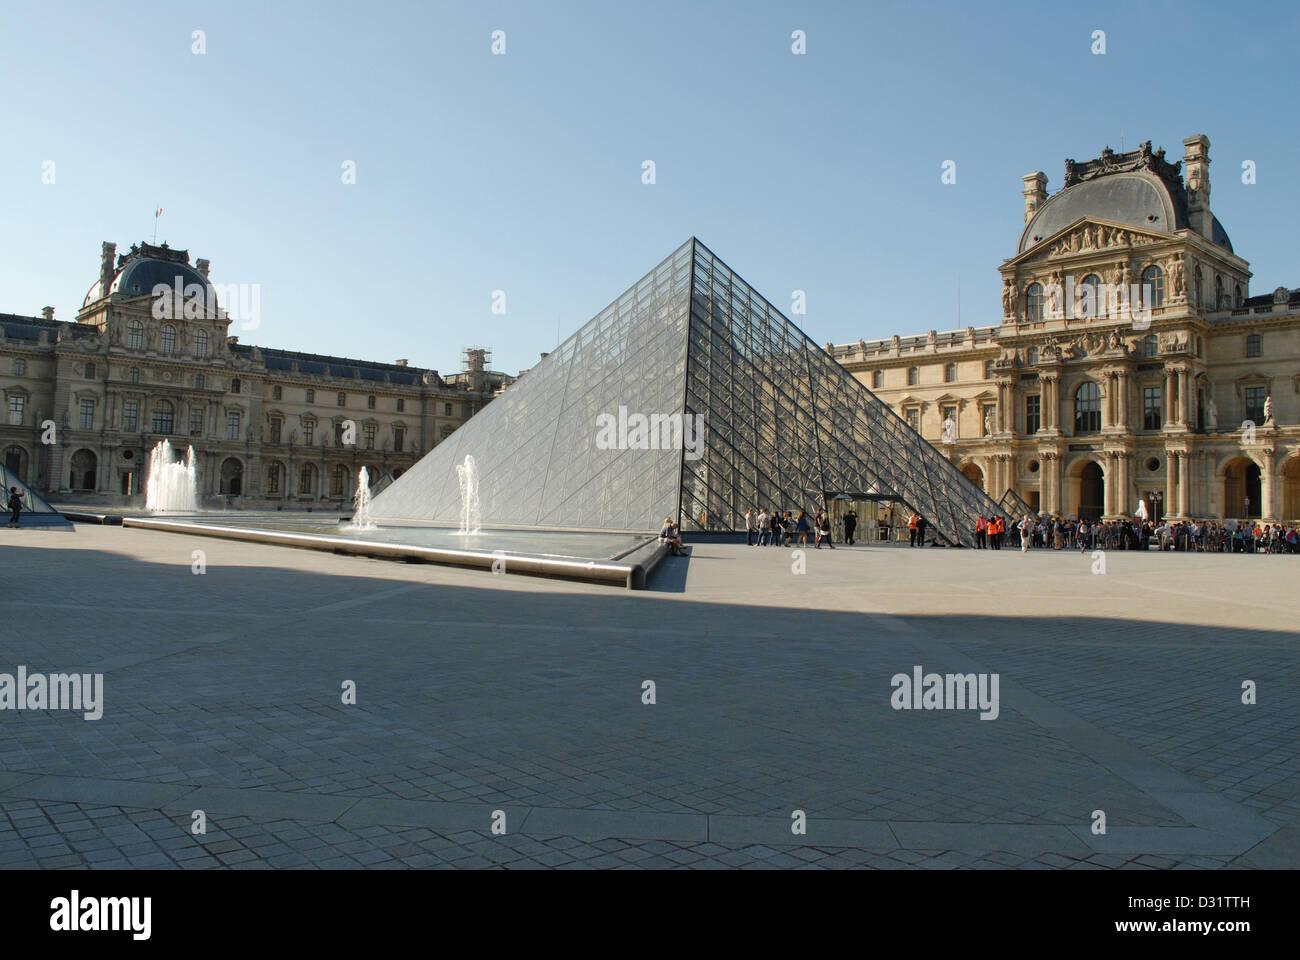 La piramide di vetro sopra il museo del Louvre di Parigi, Francia. Foto Stock